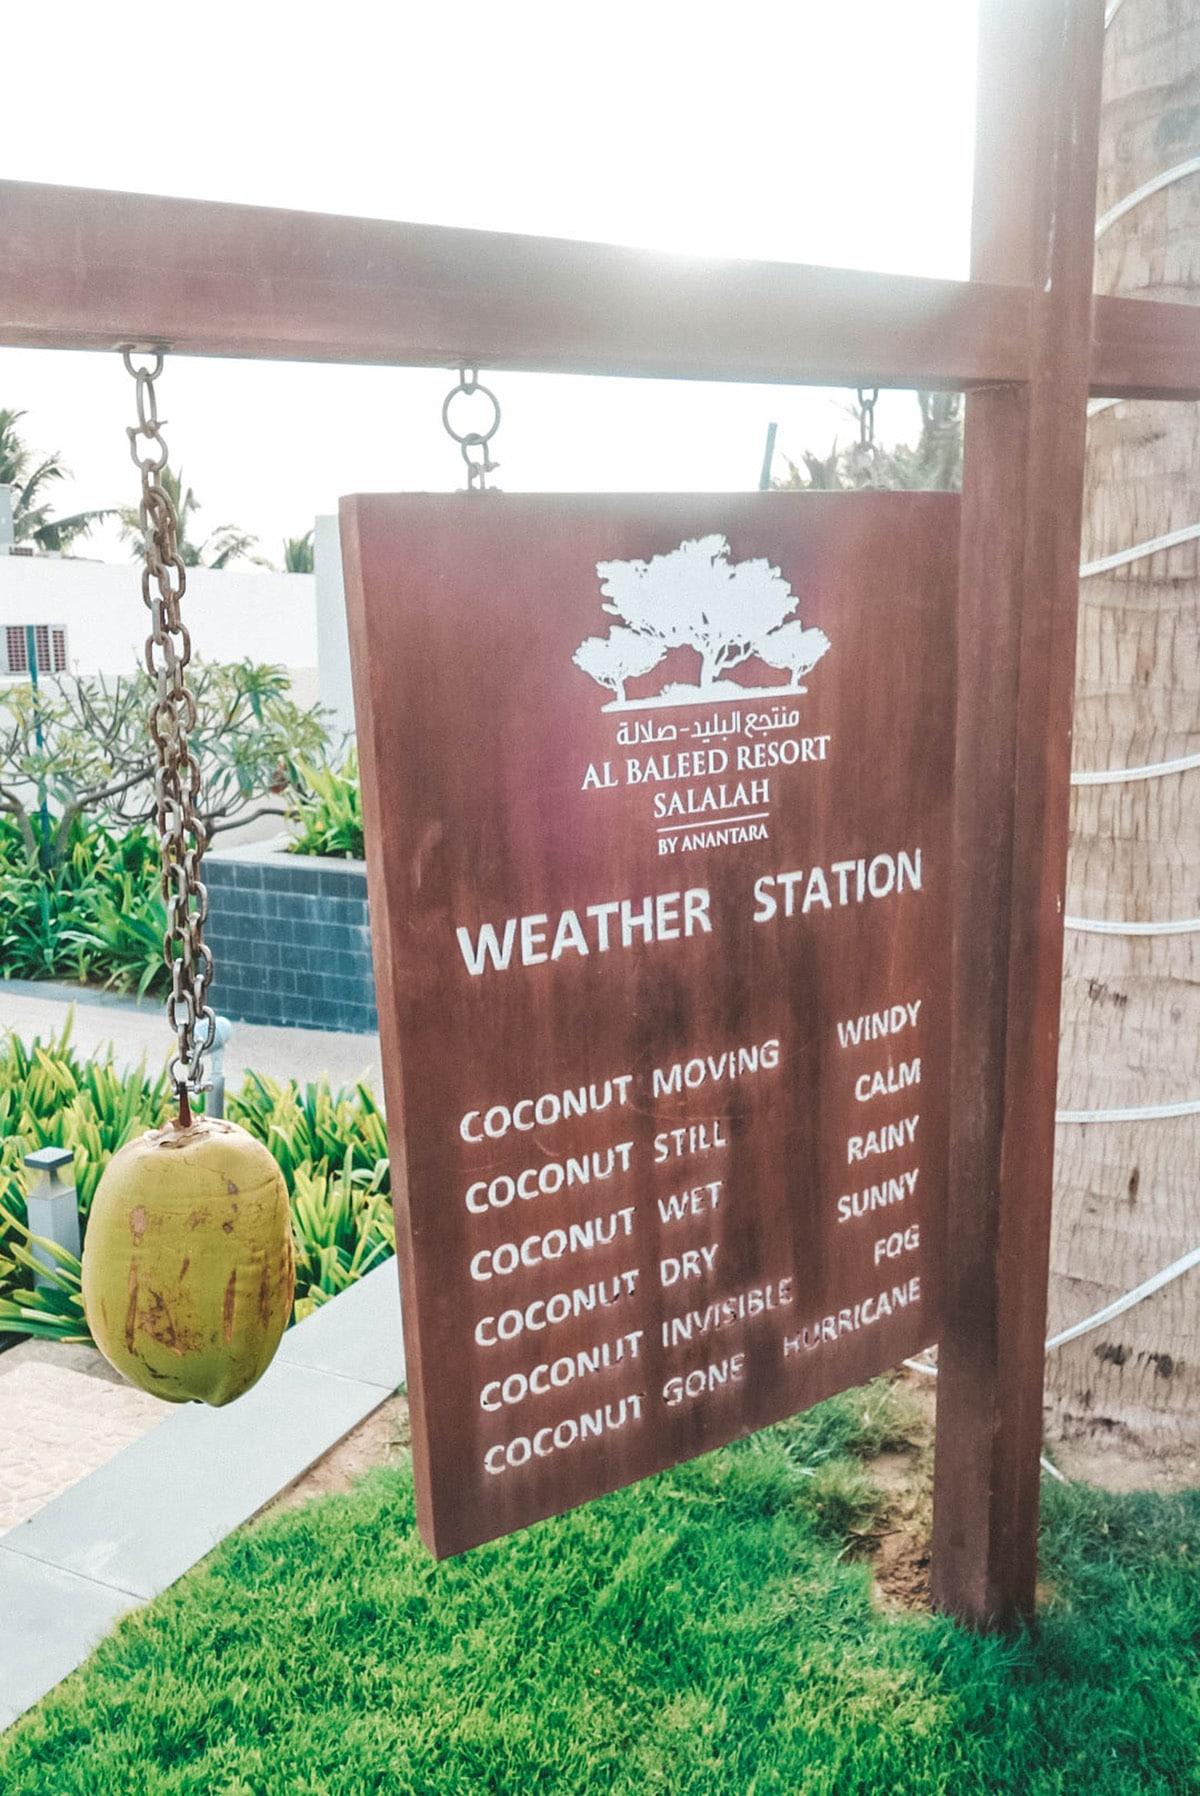 al-baleed-resort-anantara-wetterstation-kokosnuss